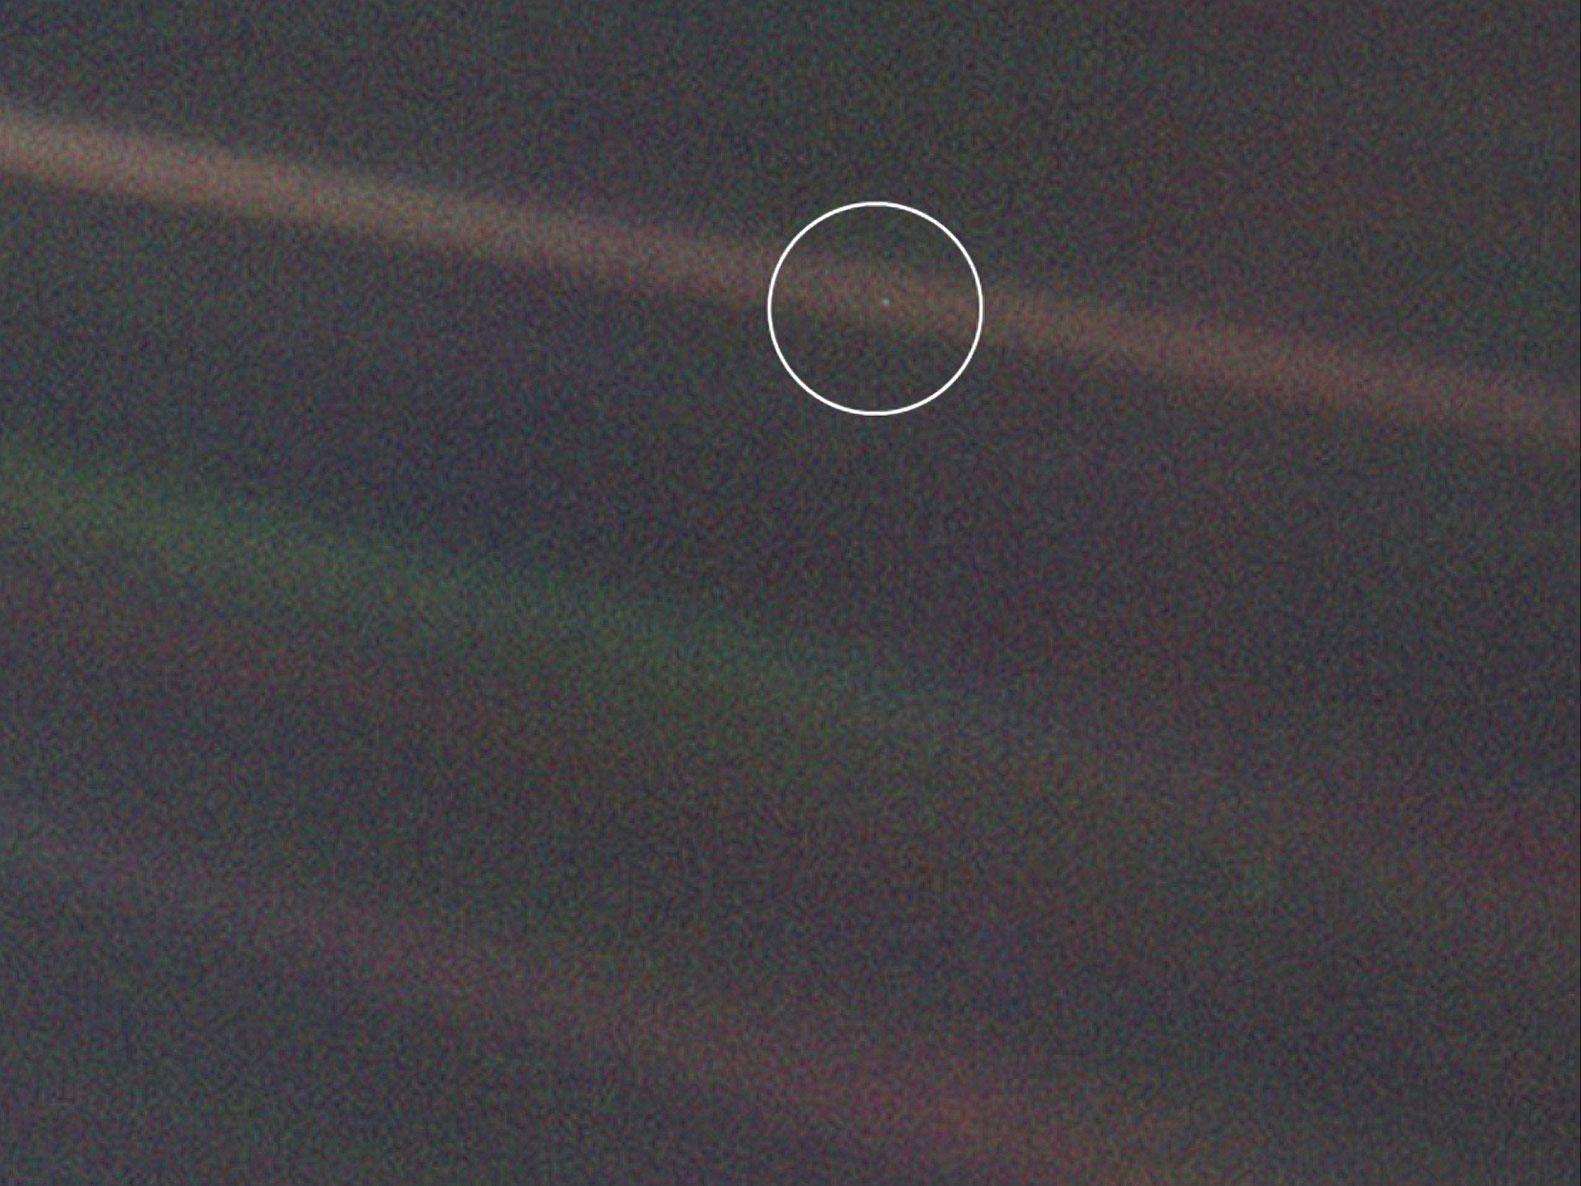 Pale Blue Dot: il pallido punto blu, nell'immagine ottenuta dal Voyager 1.